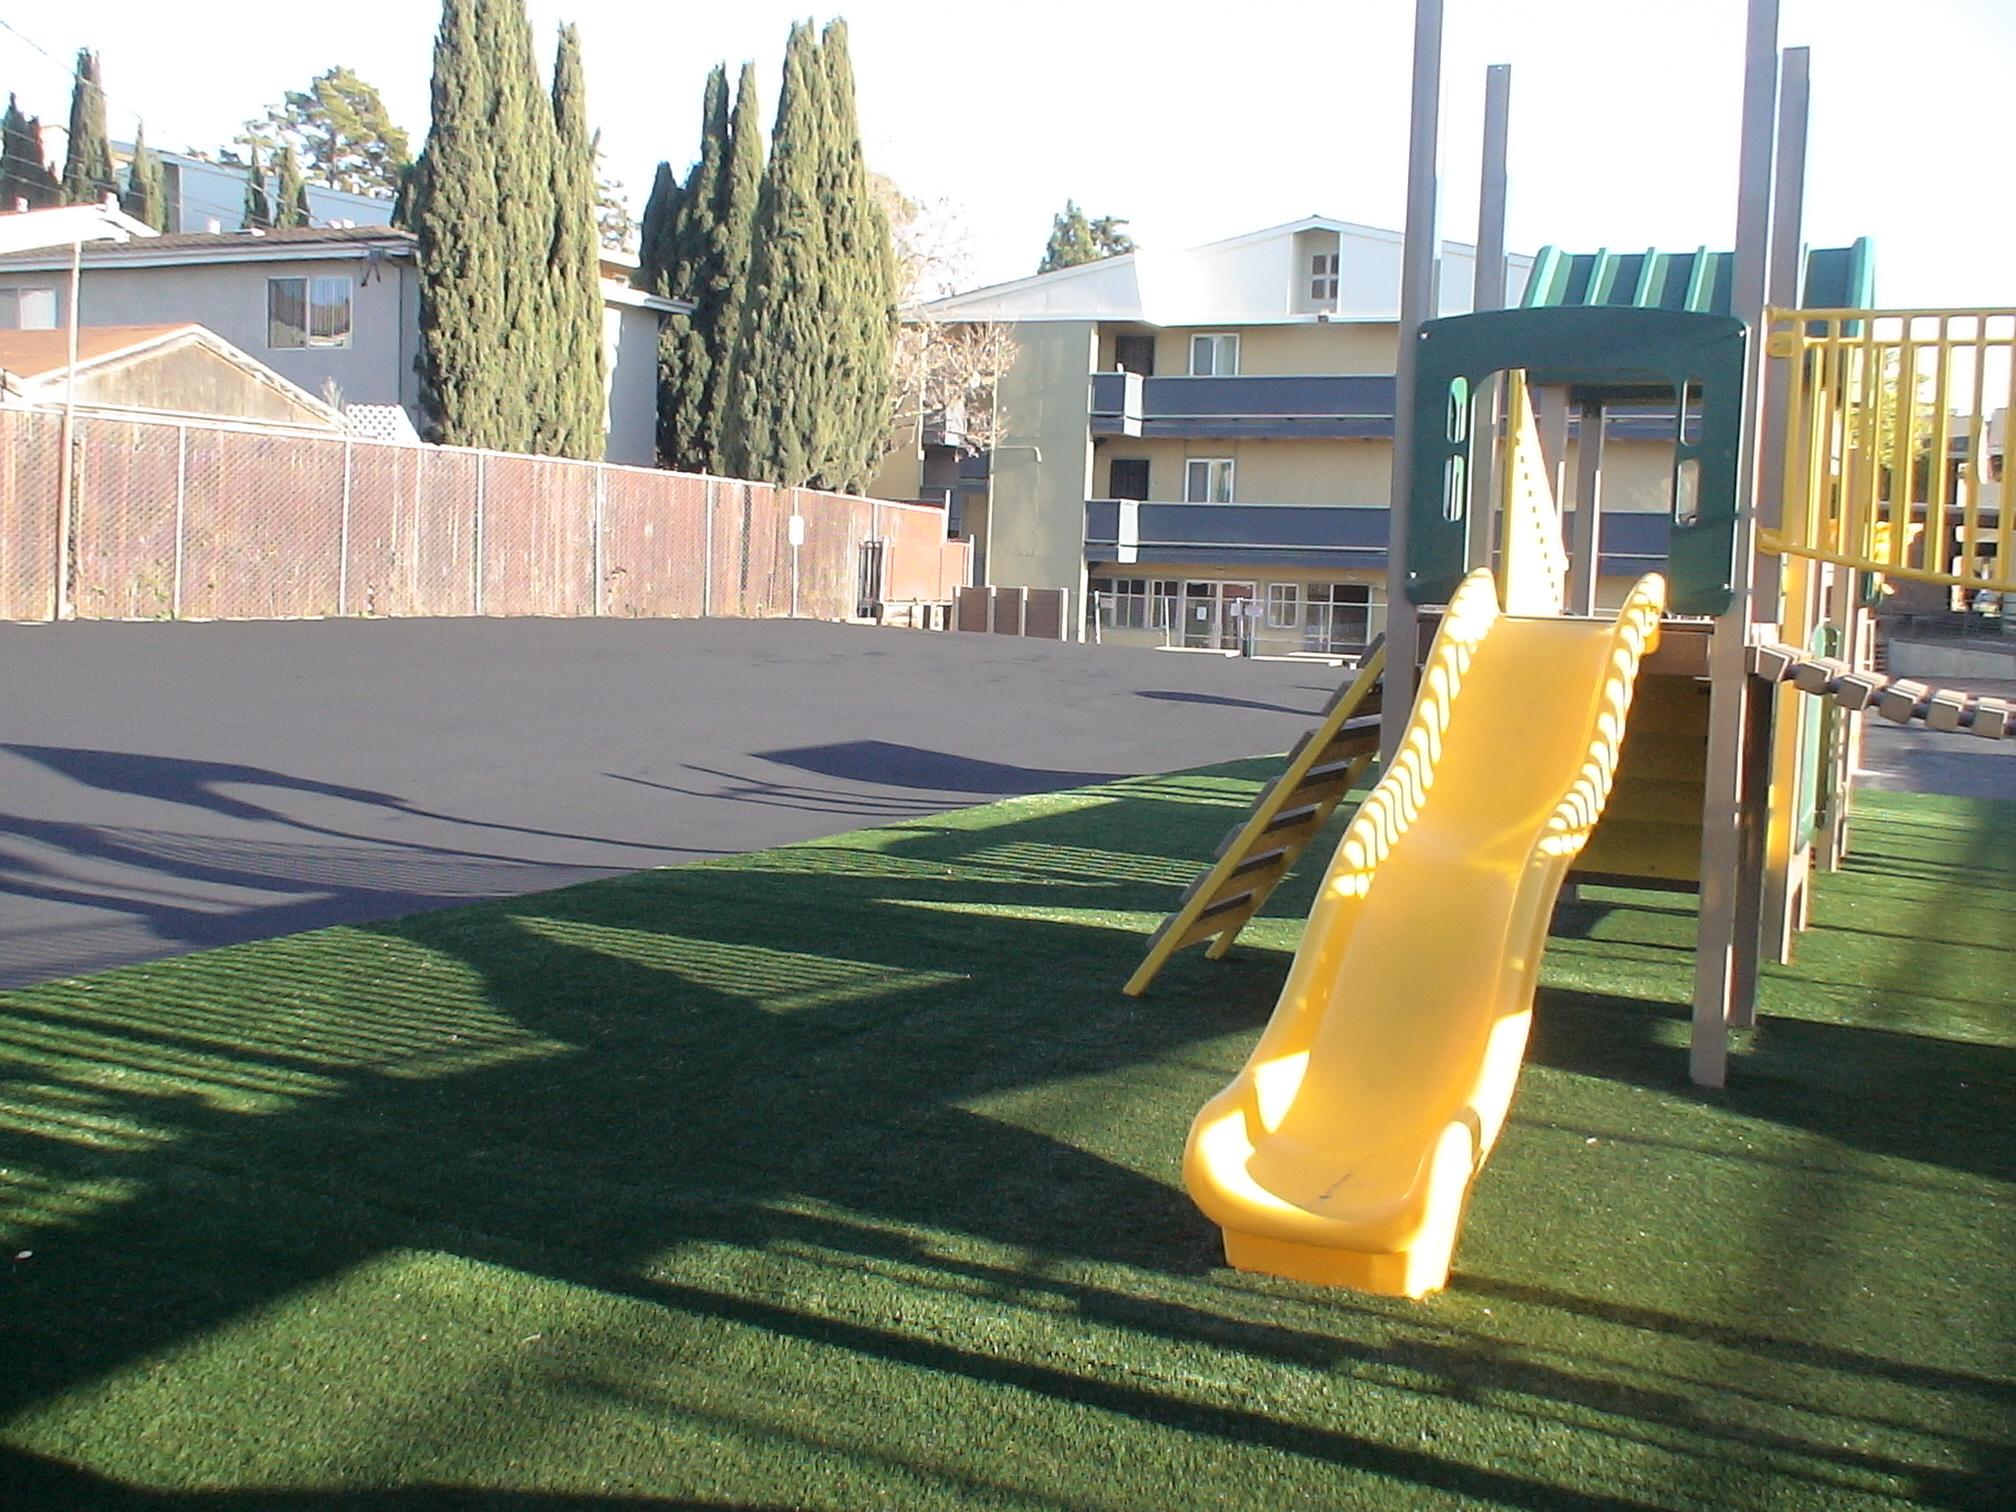 residential-park-san-leandro